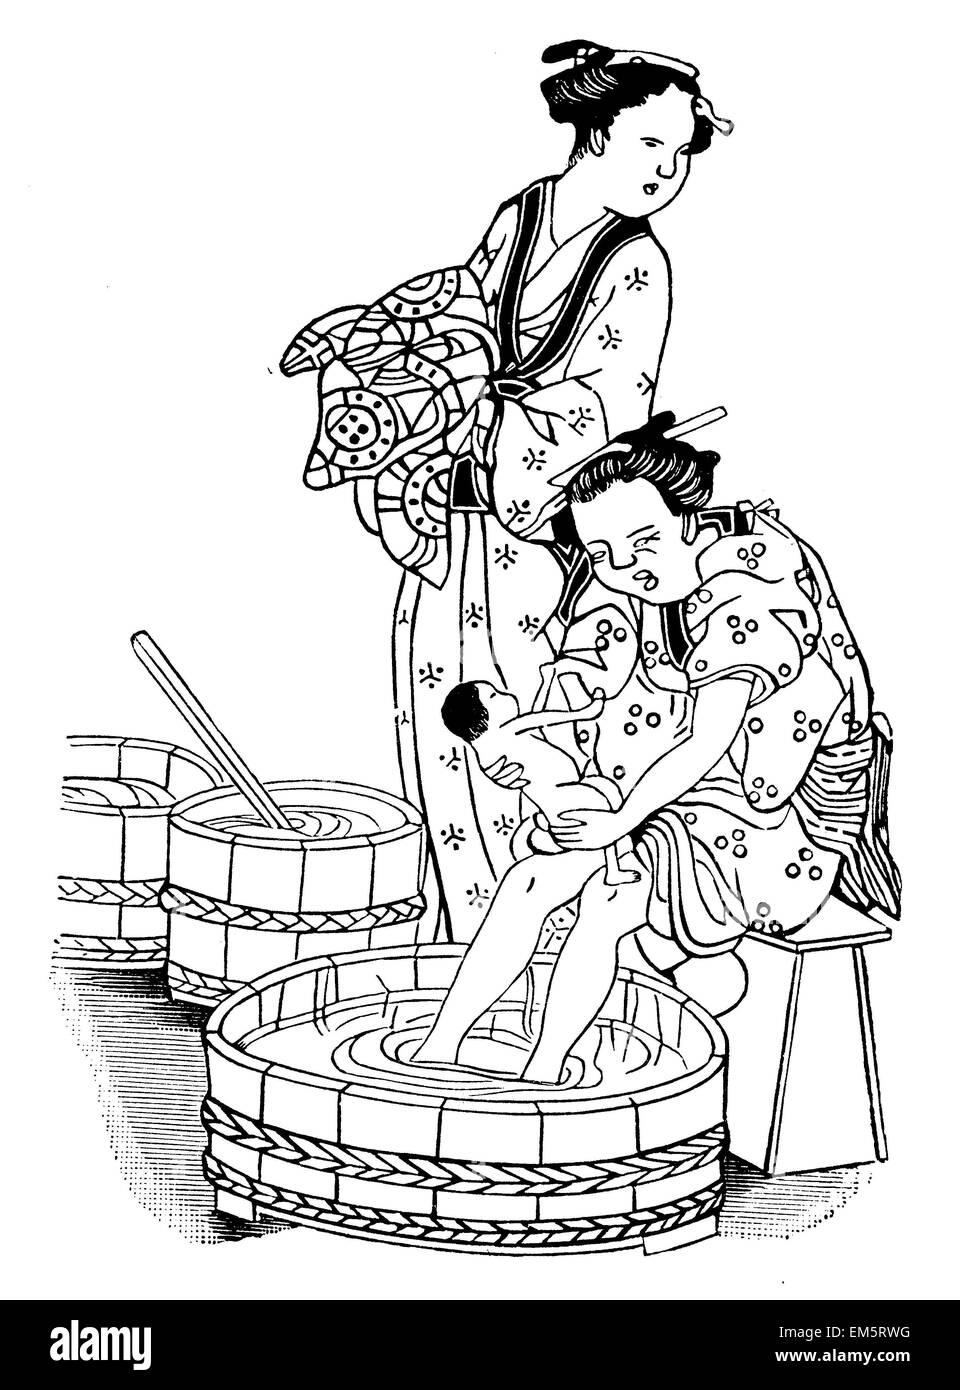 Banho de um recém-nascido. Depois de uma xilogravura japonesa Imagens de Stock